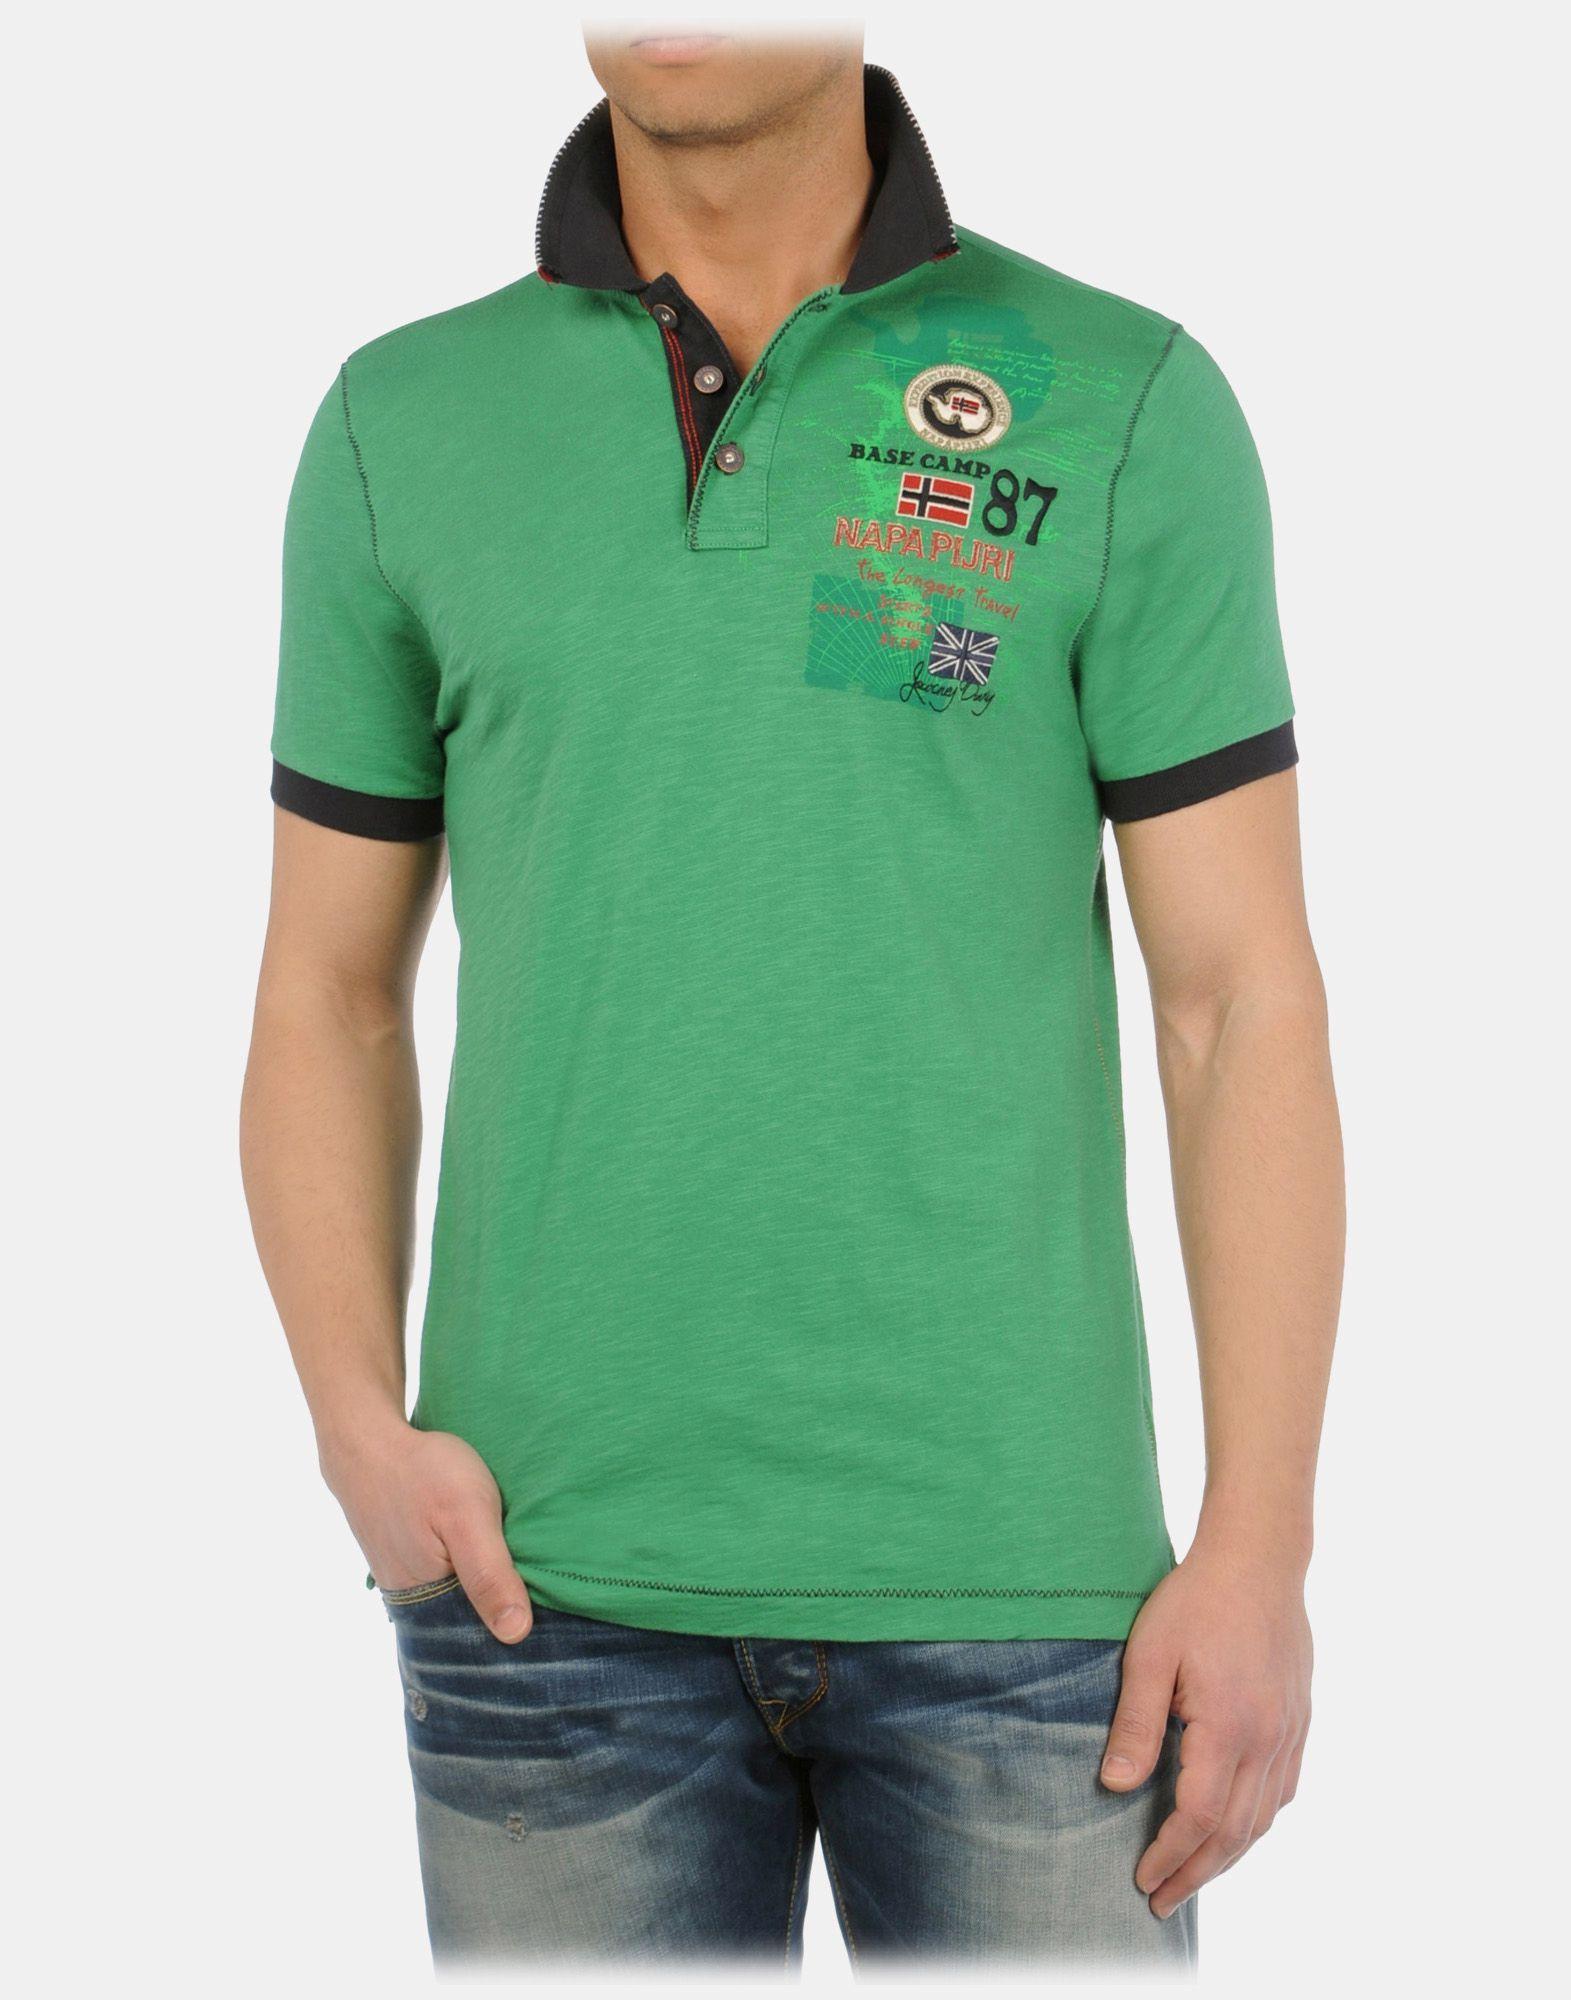 Napapijri Men Polo Shirt Official Online Store My Style